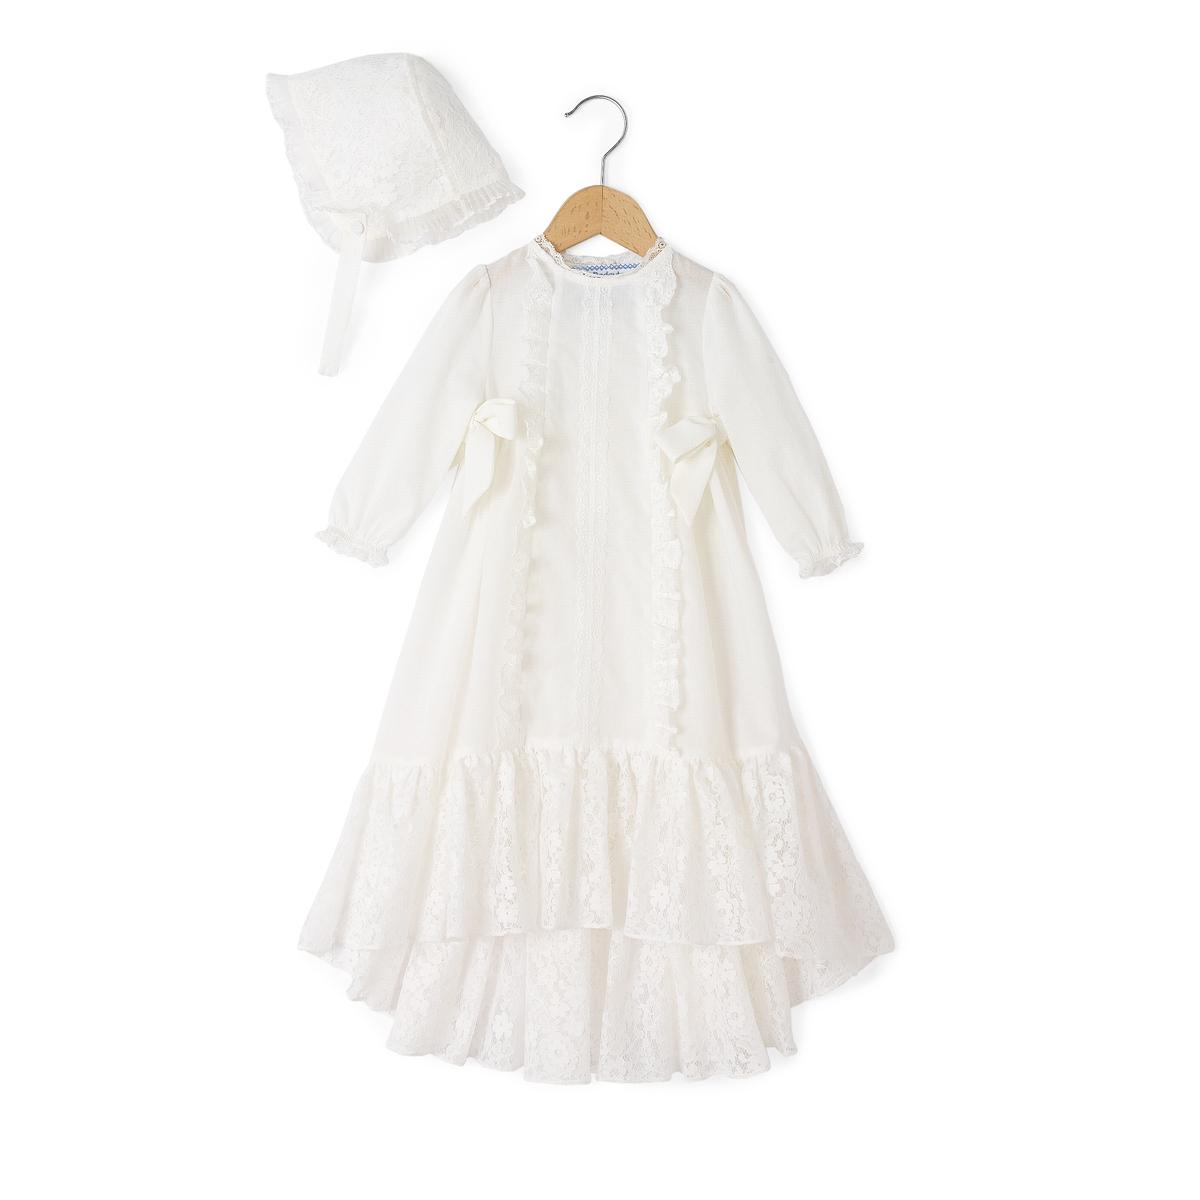 Платье с длинными рукавами и кружевной вставкой, 1 мес. - 12 мес.Платье с кружевными вставками. Длинные рукава. Продается с небольшим кружевным чепчиком того же цвета.Состав и описание : Материал          100% хлопок                       кружево, 70% хлопка, 30% полиамидаМарка          DELPHINE MANIVET X LA REDOUTEУход :Машинная стирка при 30 °C с вещами схожих цветовСтирать и гладить с изнаночной стороныСухая чистка и машинная сушка запрещеныГладить при низкой температуре. .<br><br>Цвет: белый<br>Размер: 9 мес. - 71 см